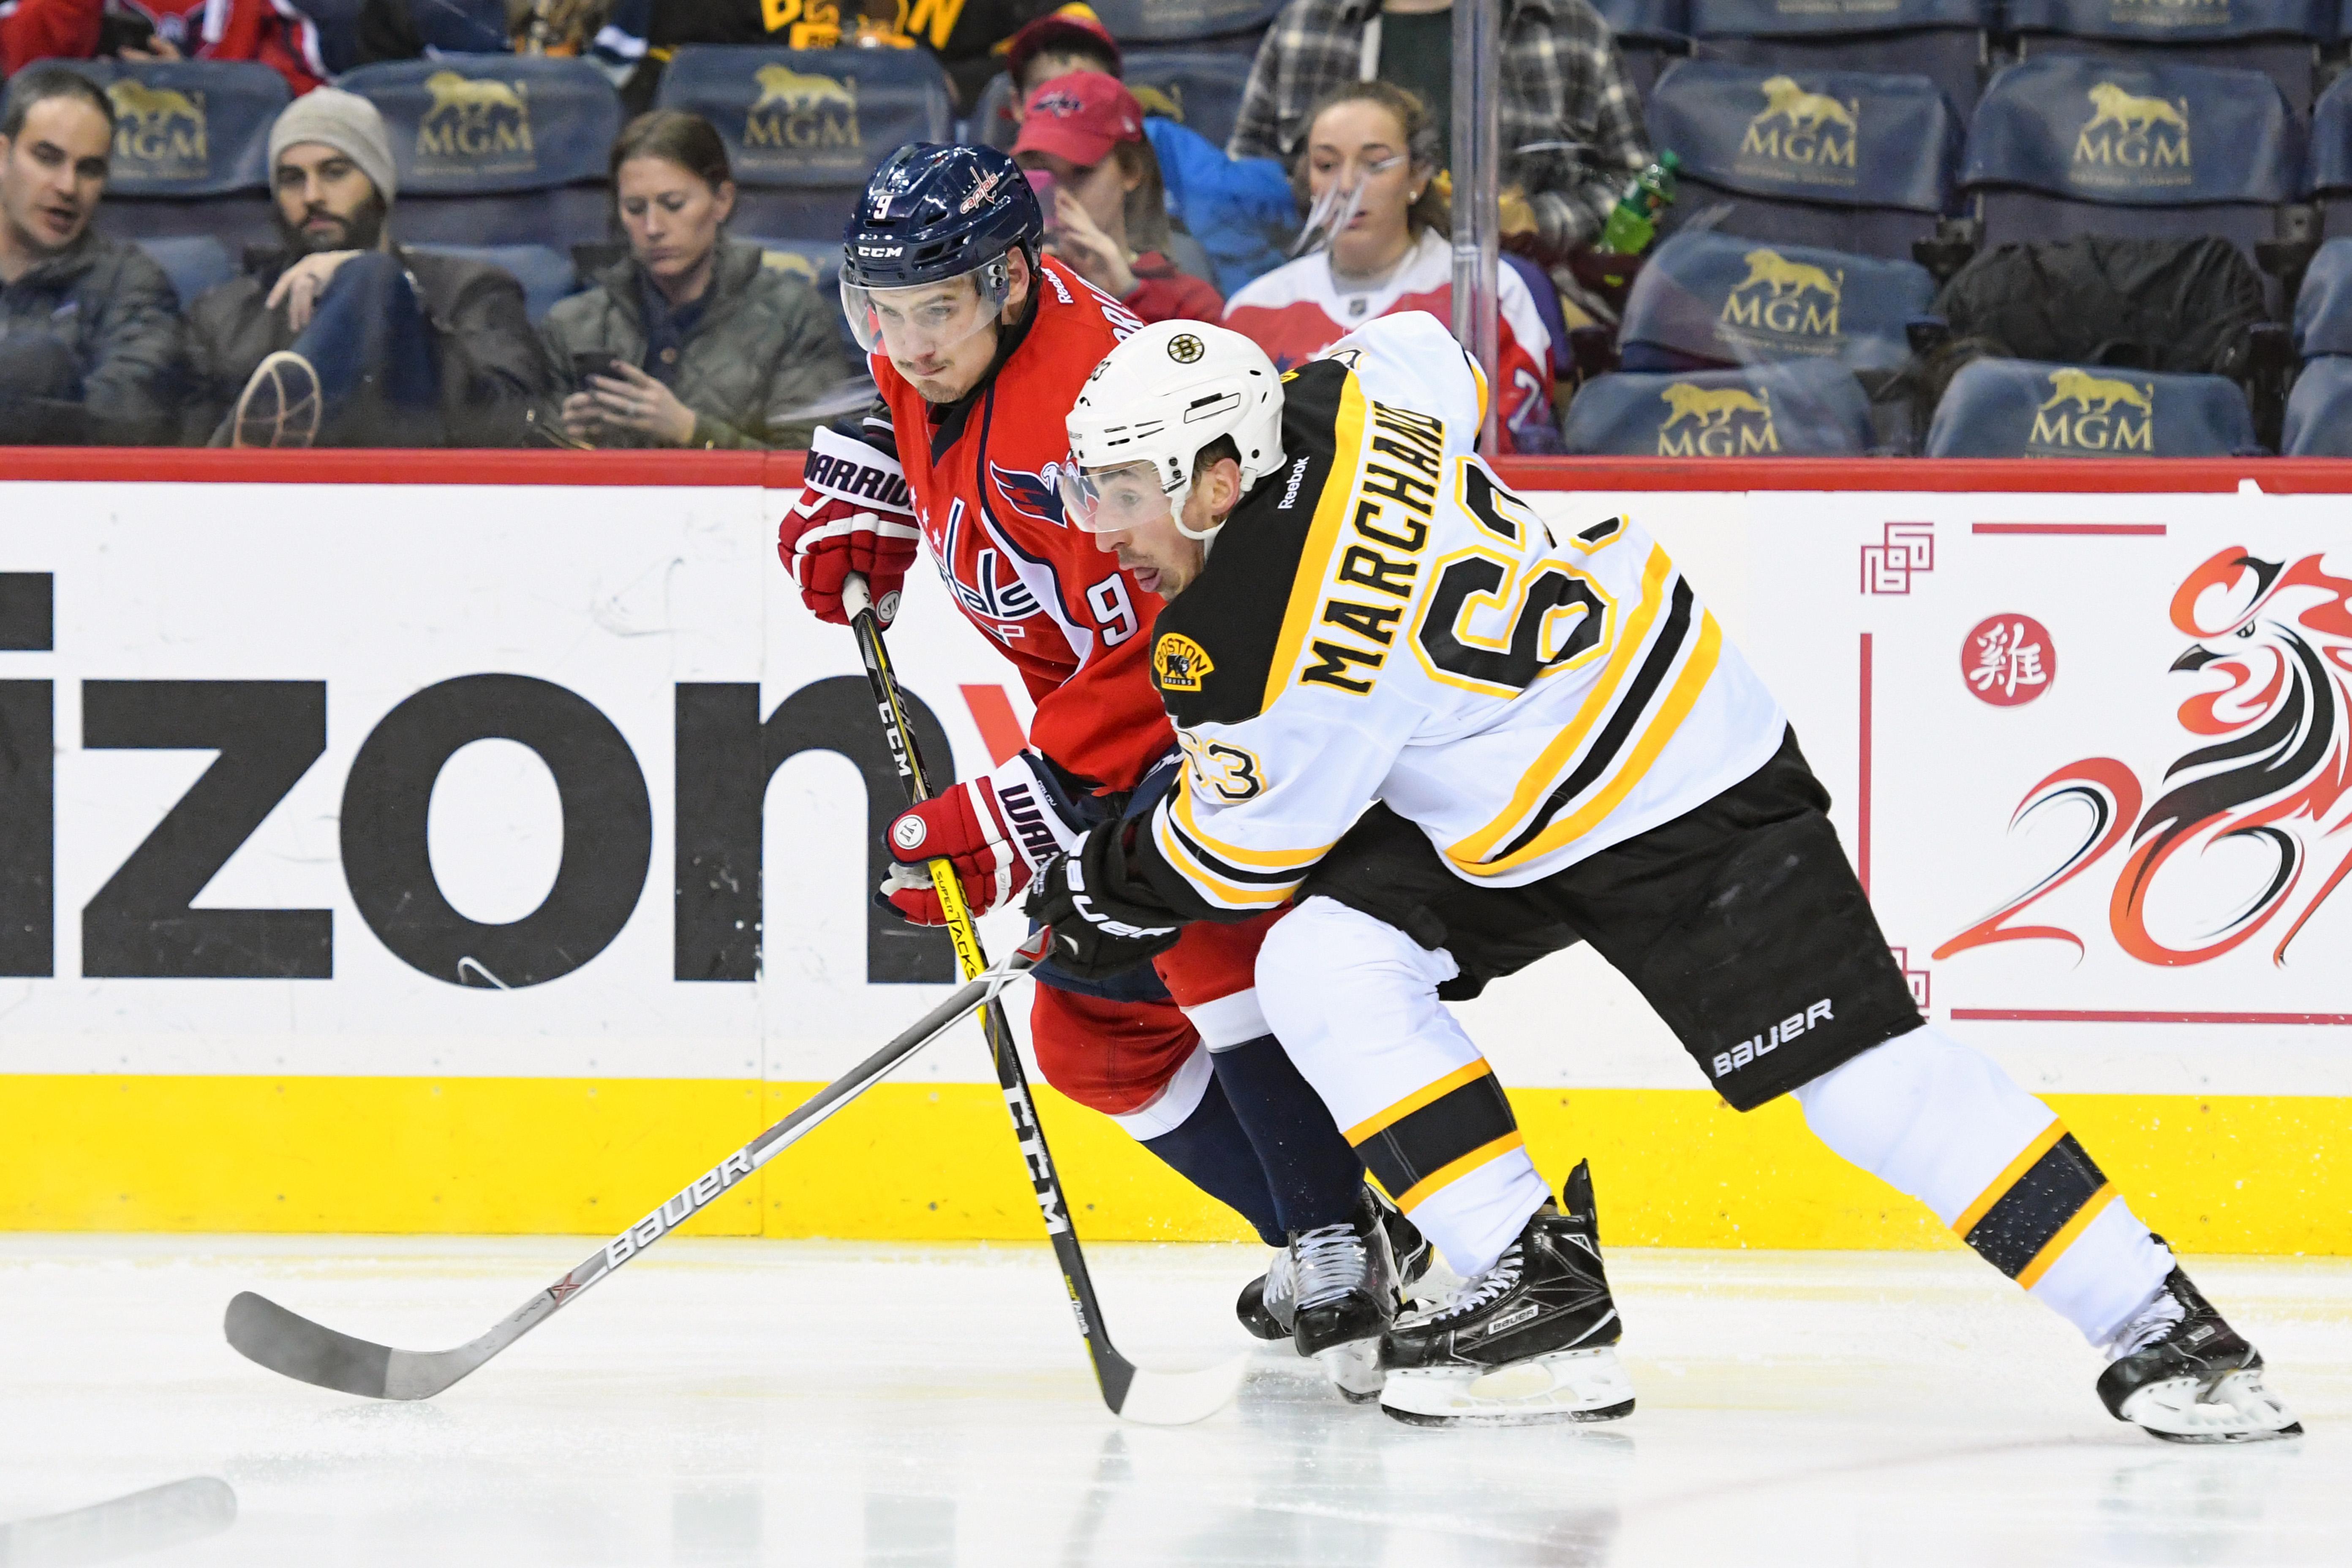 NHL: FEB 01 Bruins at Capitals